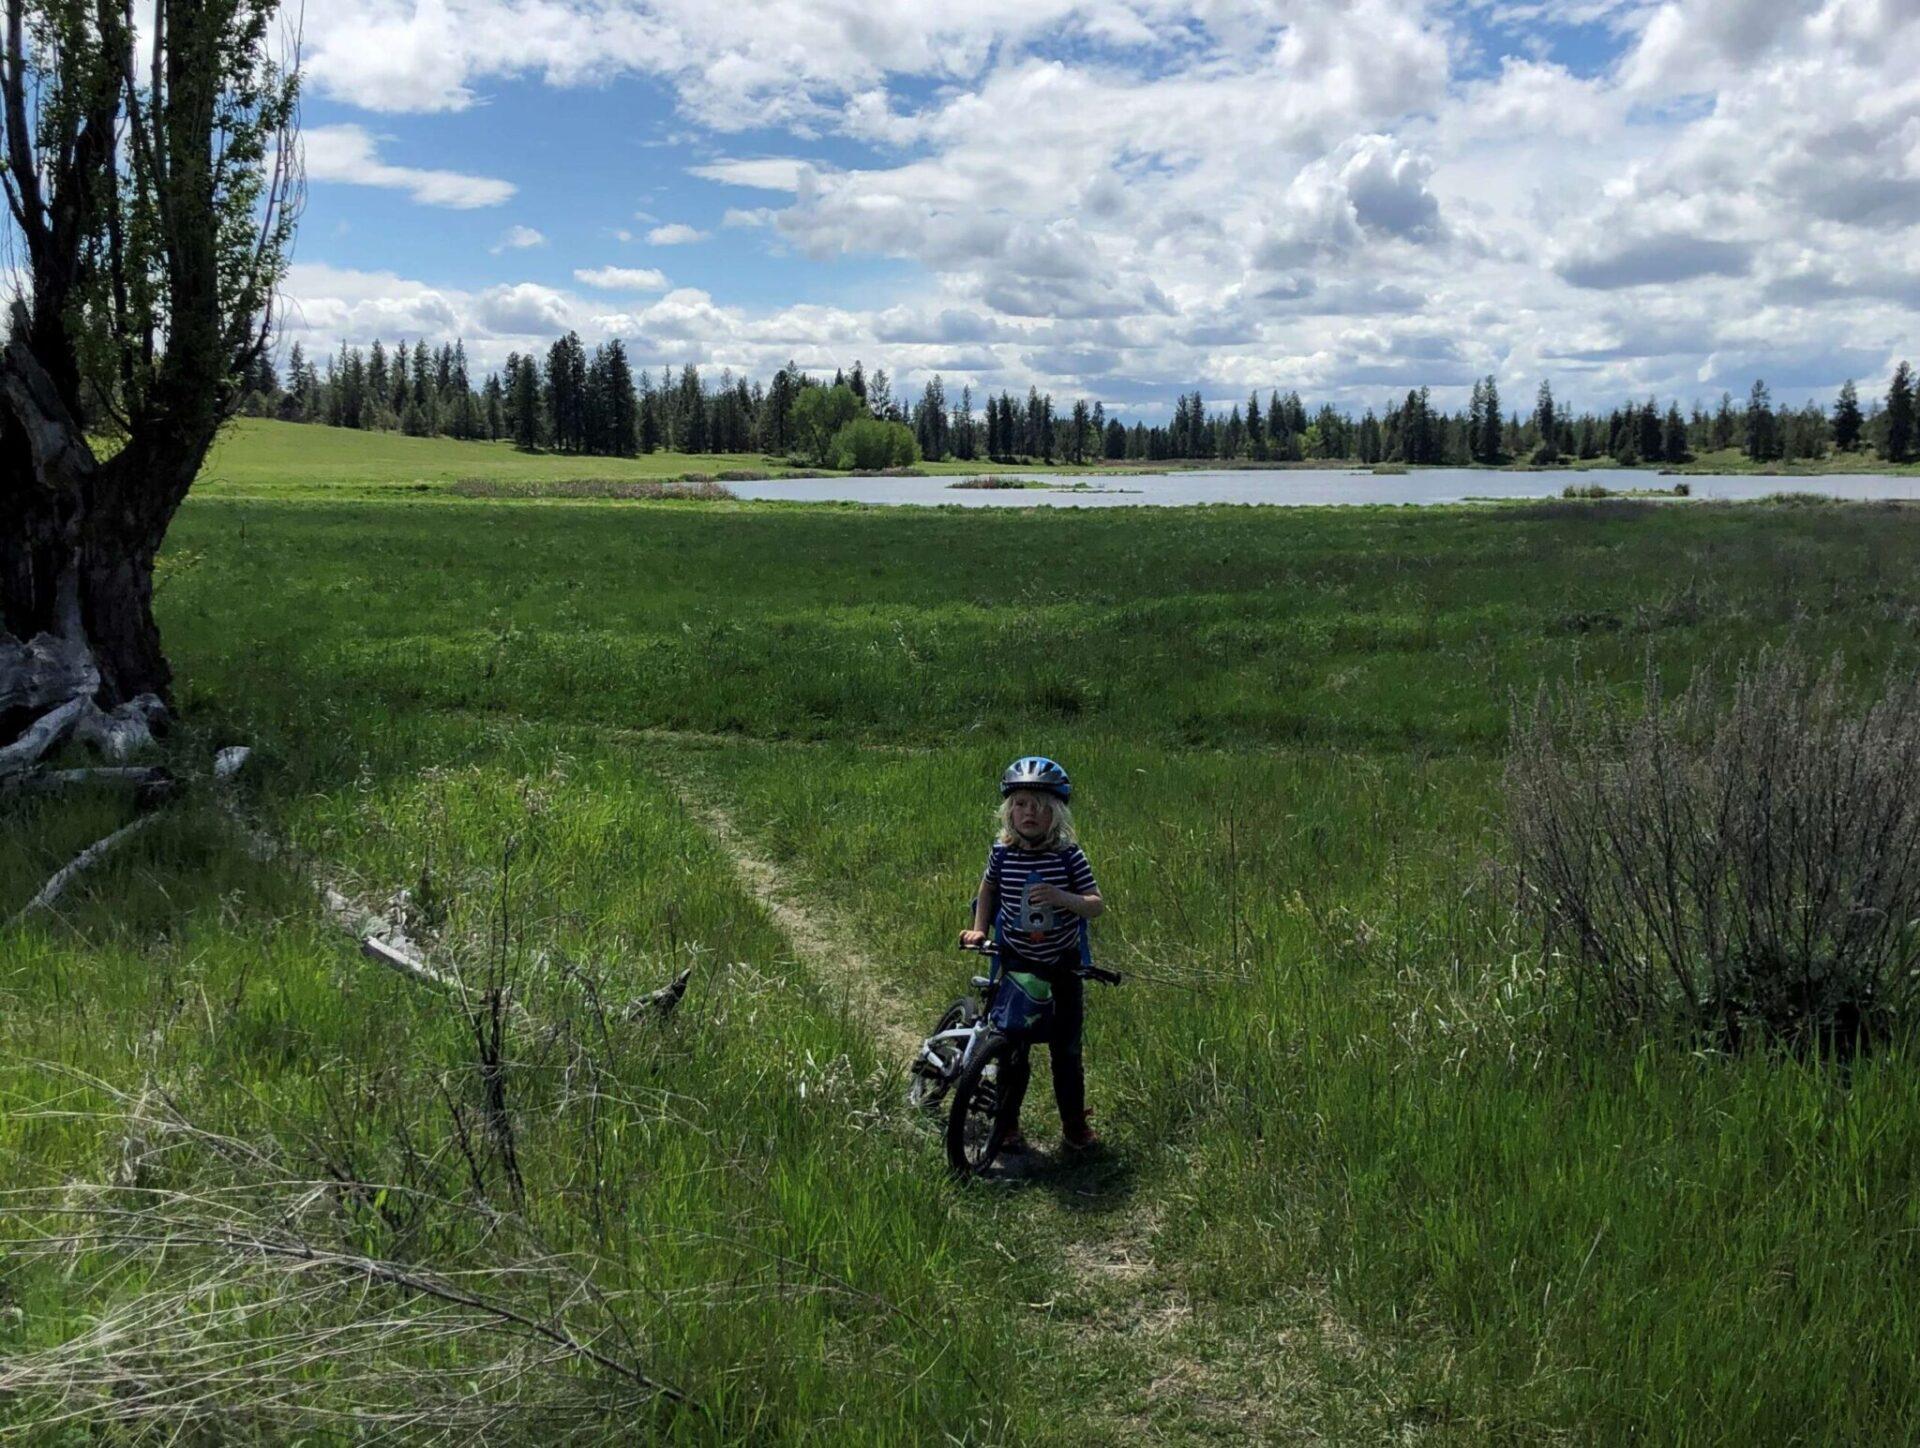 A kid biking along a lake trail.